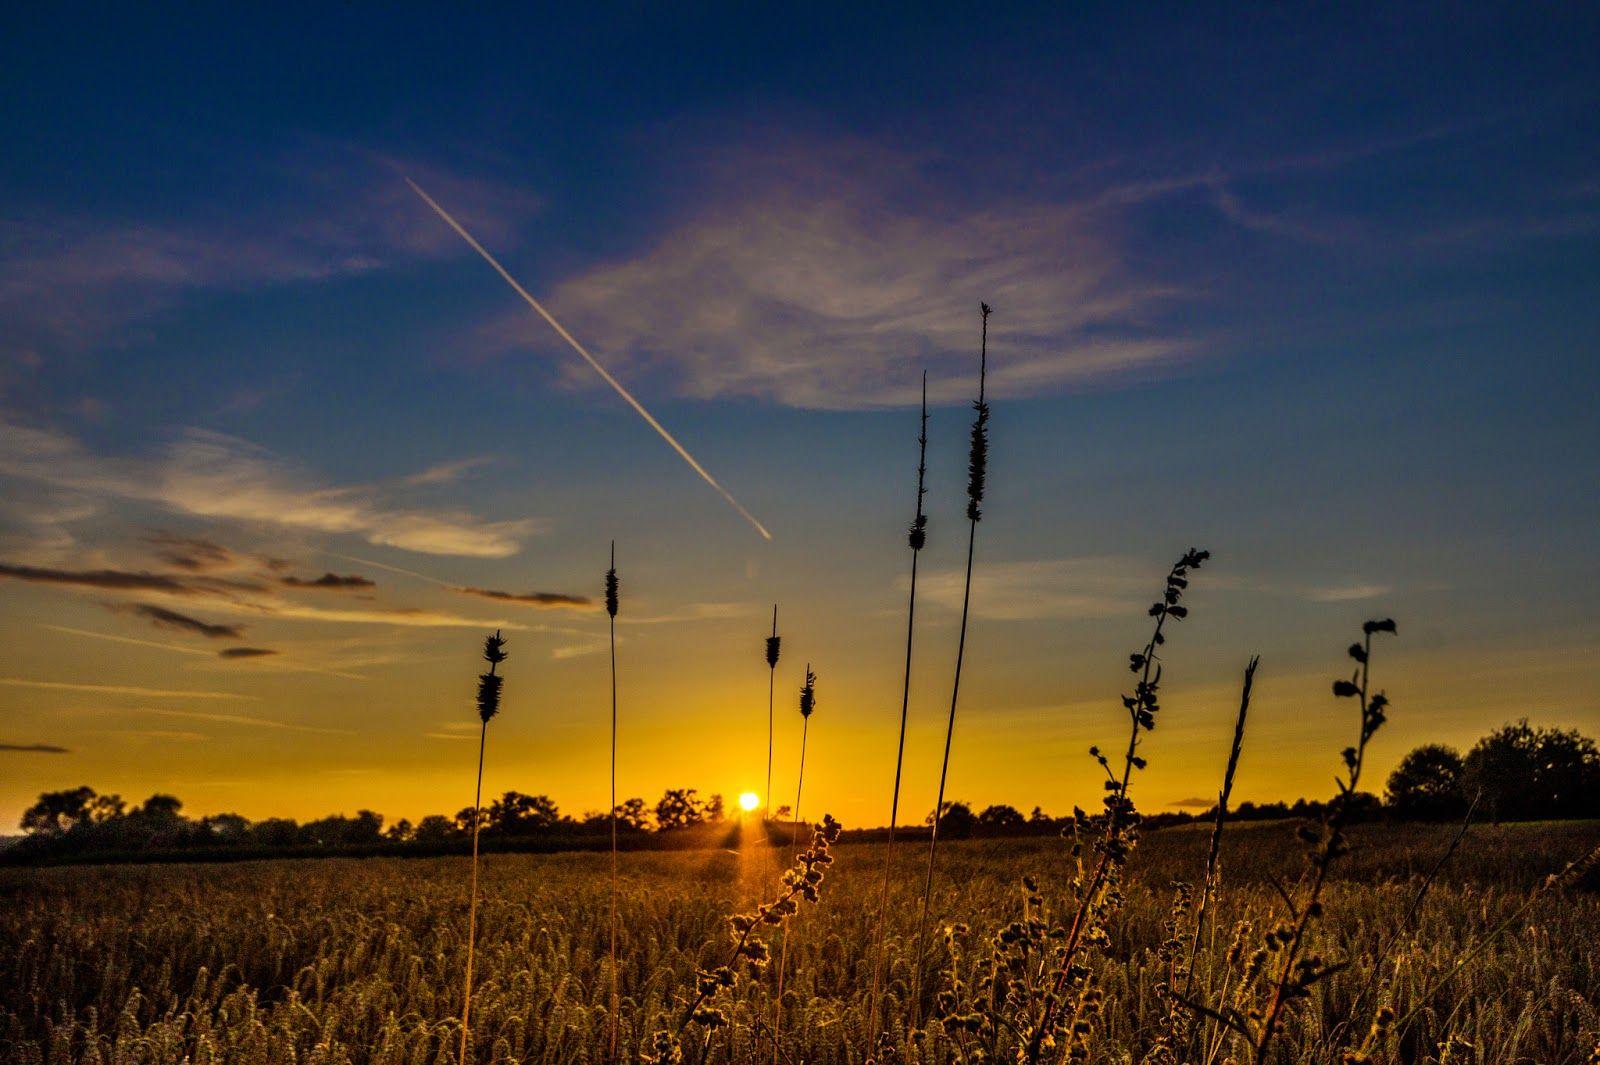 التصوير الفوتوغرافي الرائع للطبيعة الساحرة Hd مداد الجليد Wind Turbine Turbine Wind